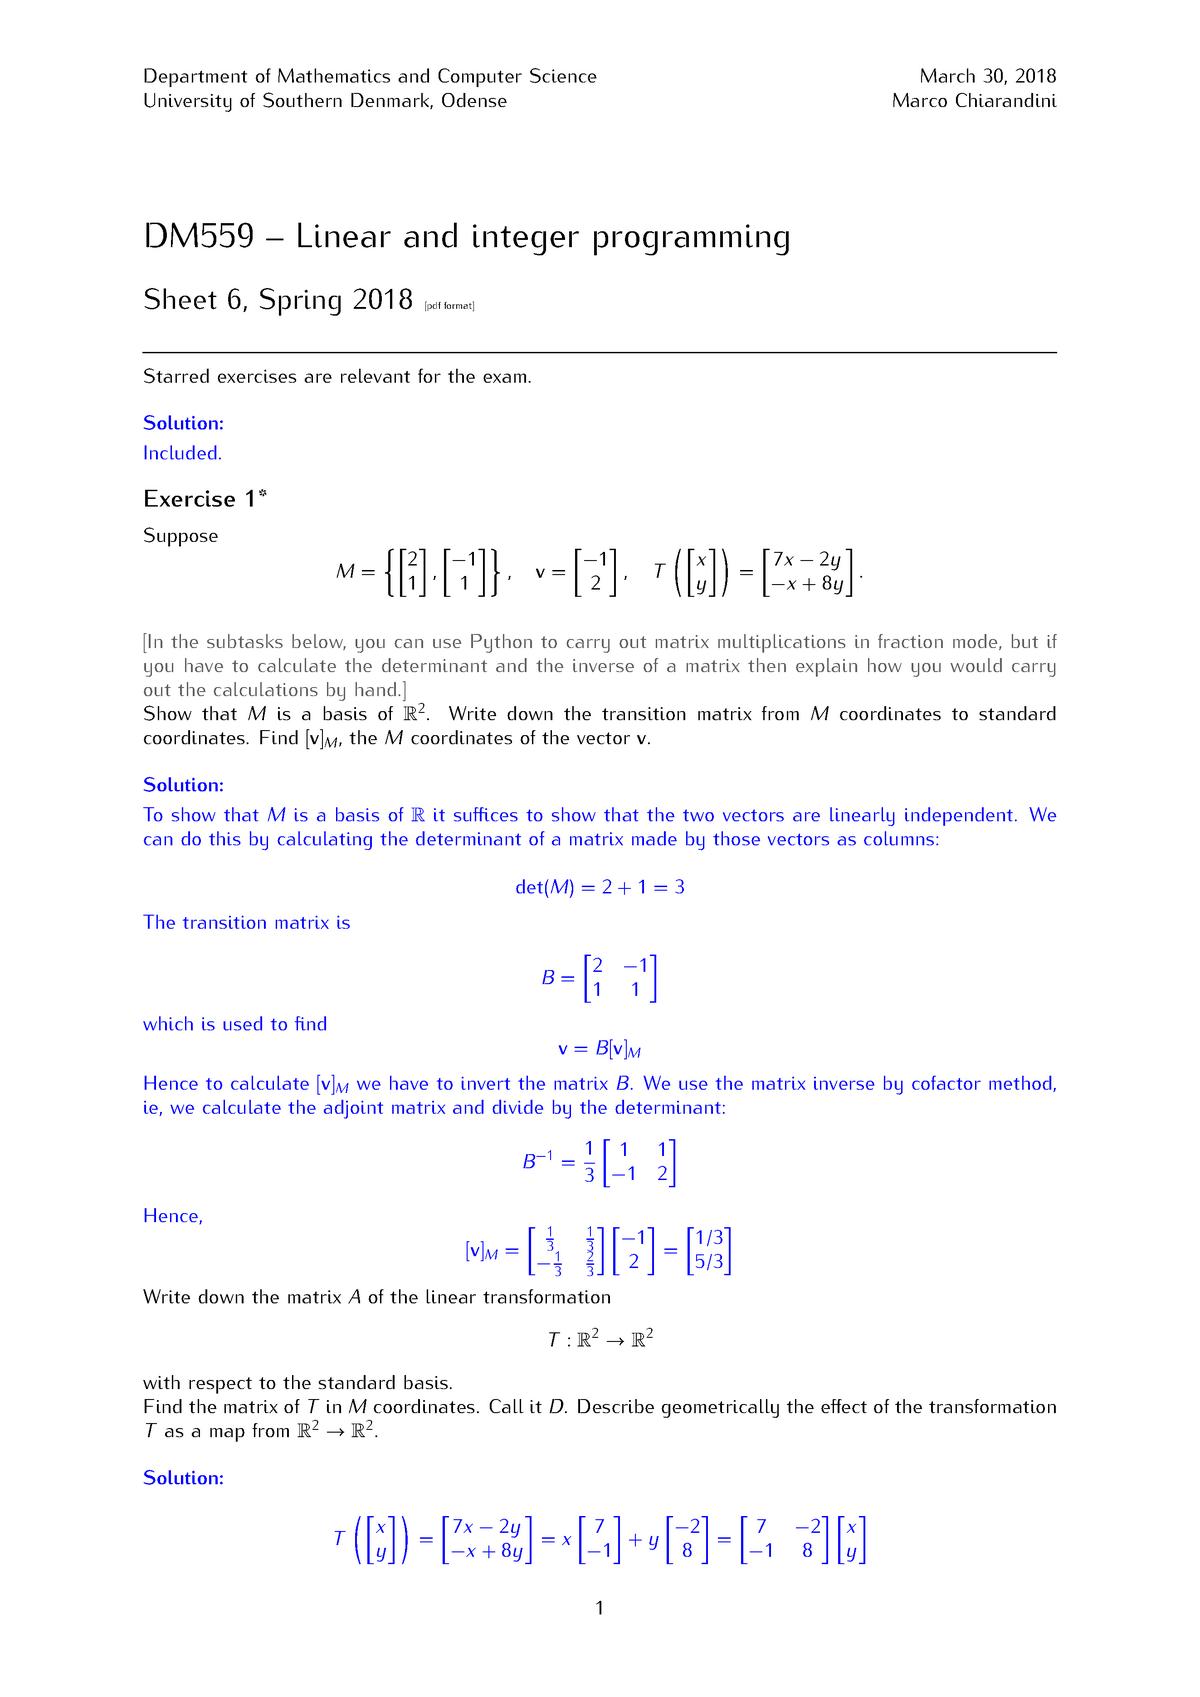 Sheet 6 - Mathematics 1 MPH101 - StuDocu